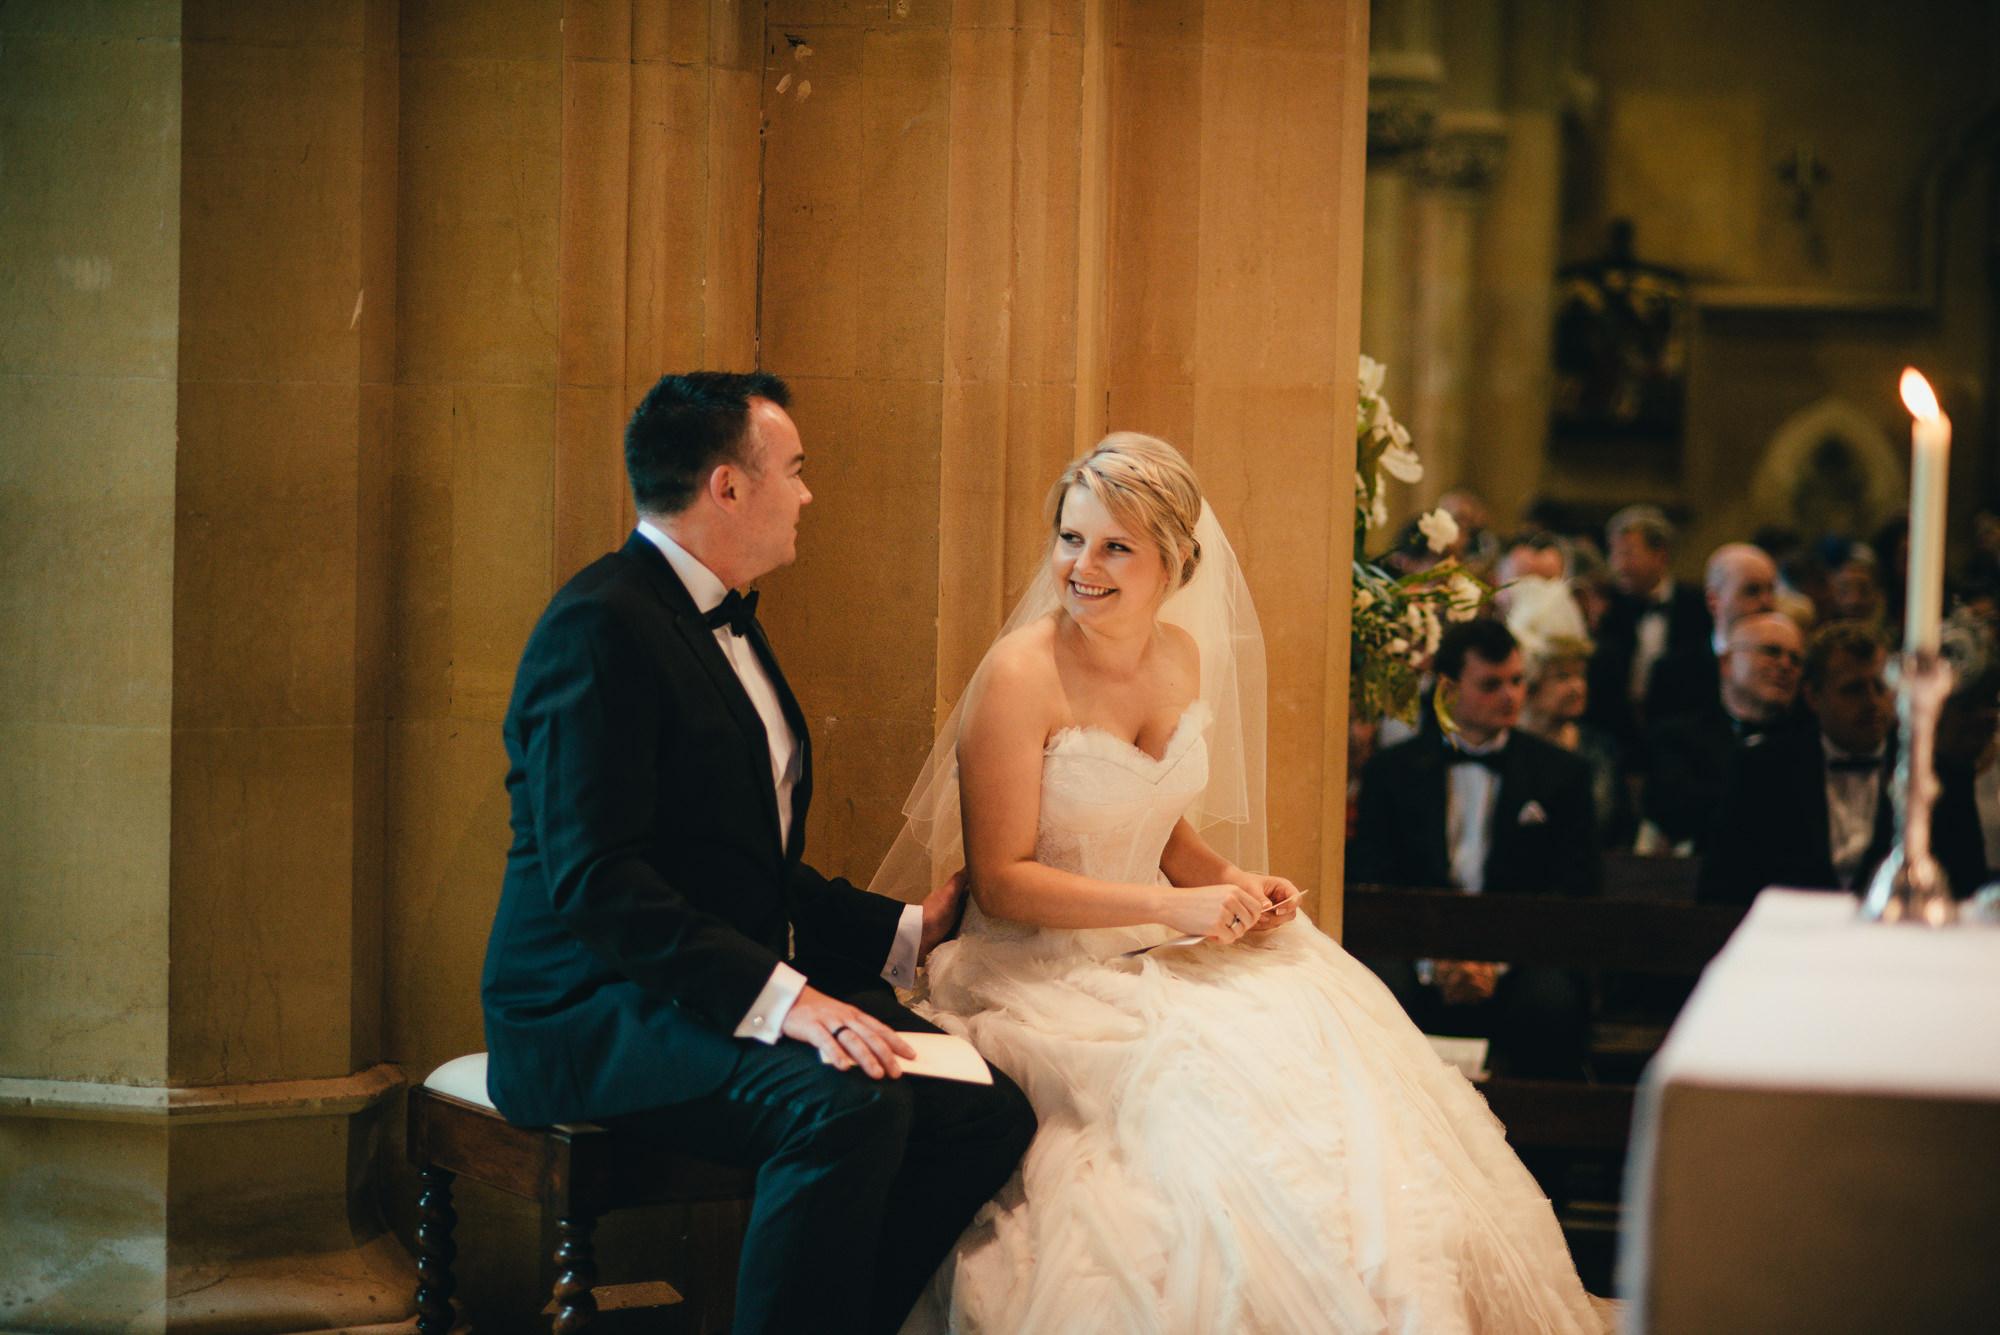 Brinsop Court Wedding Photography27